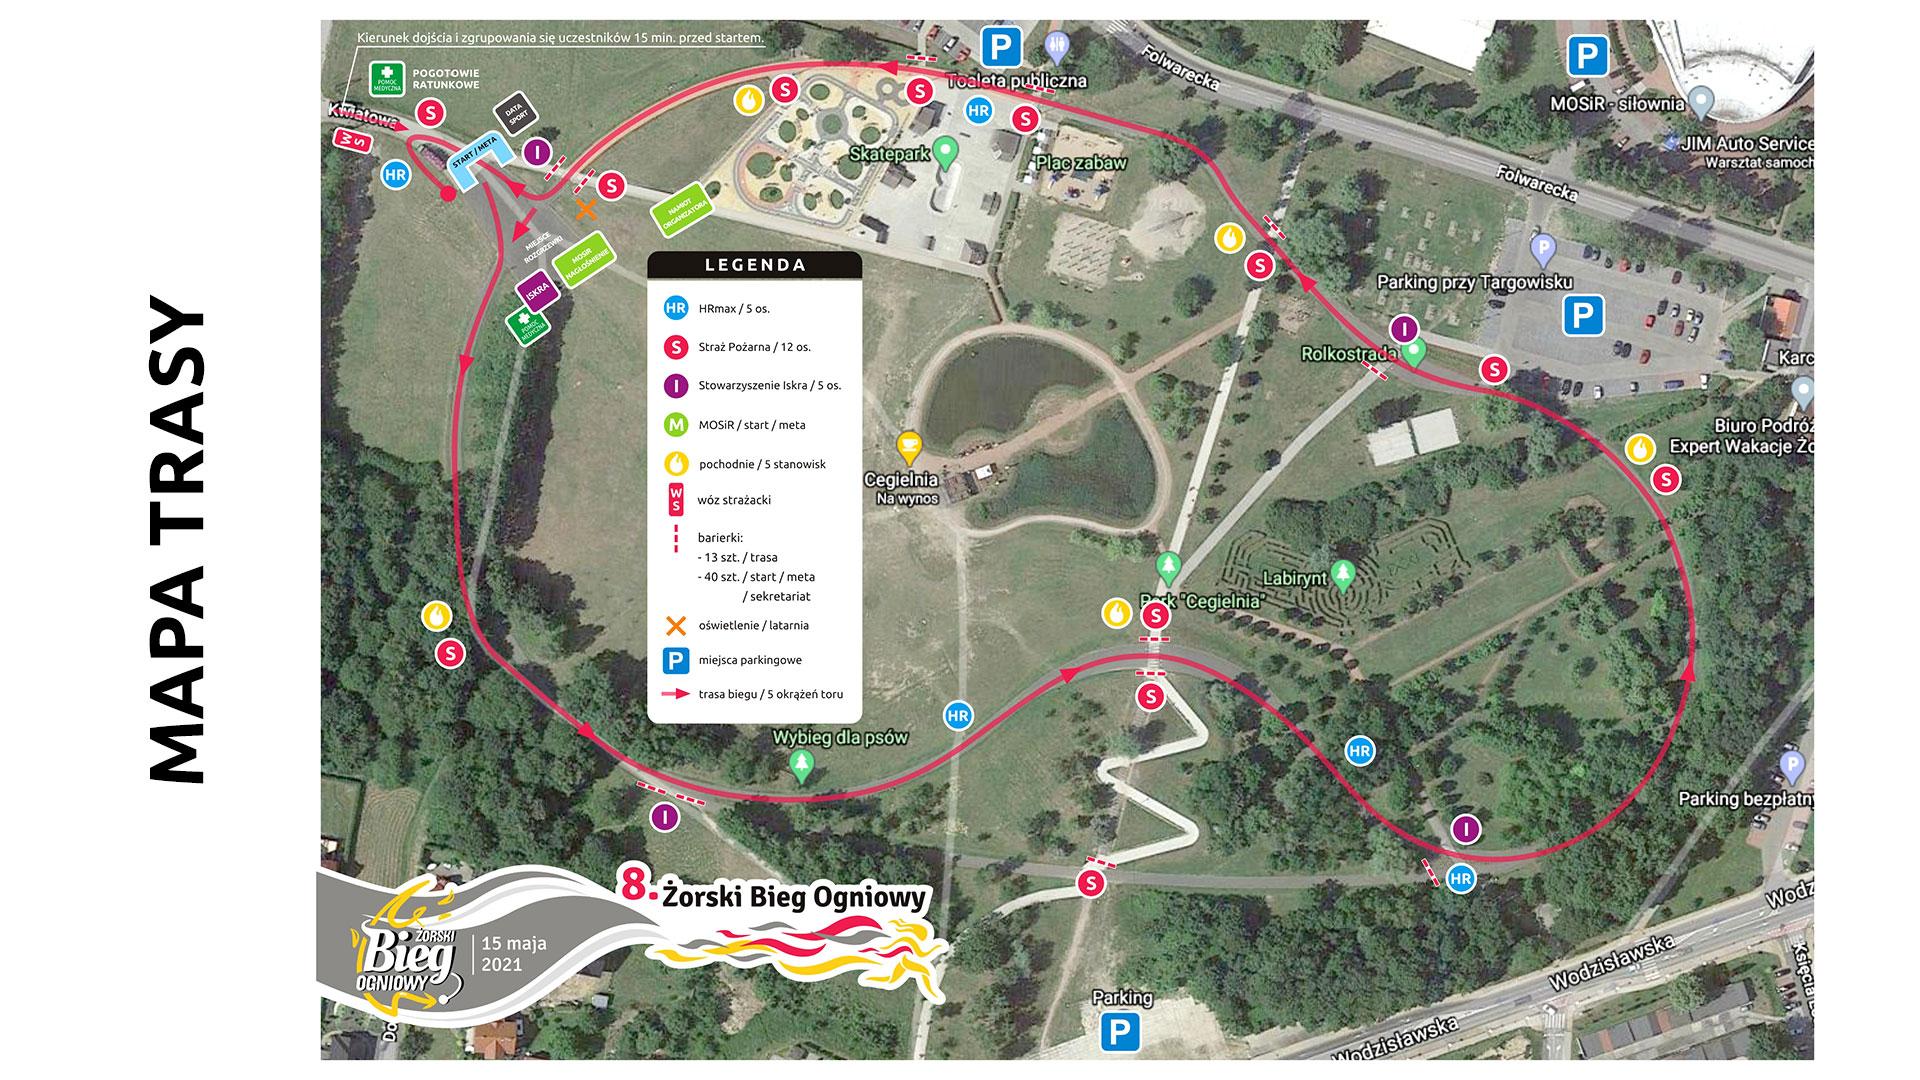 Na grafice mapa Parku Cegielnia w Żorach z zaznaczoną trasą biegu ogniowego i punktami organizacyjnymi